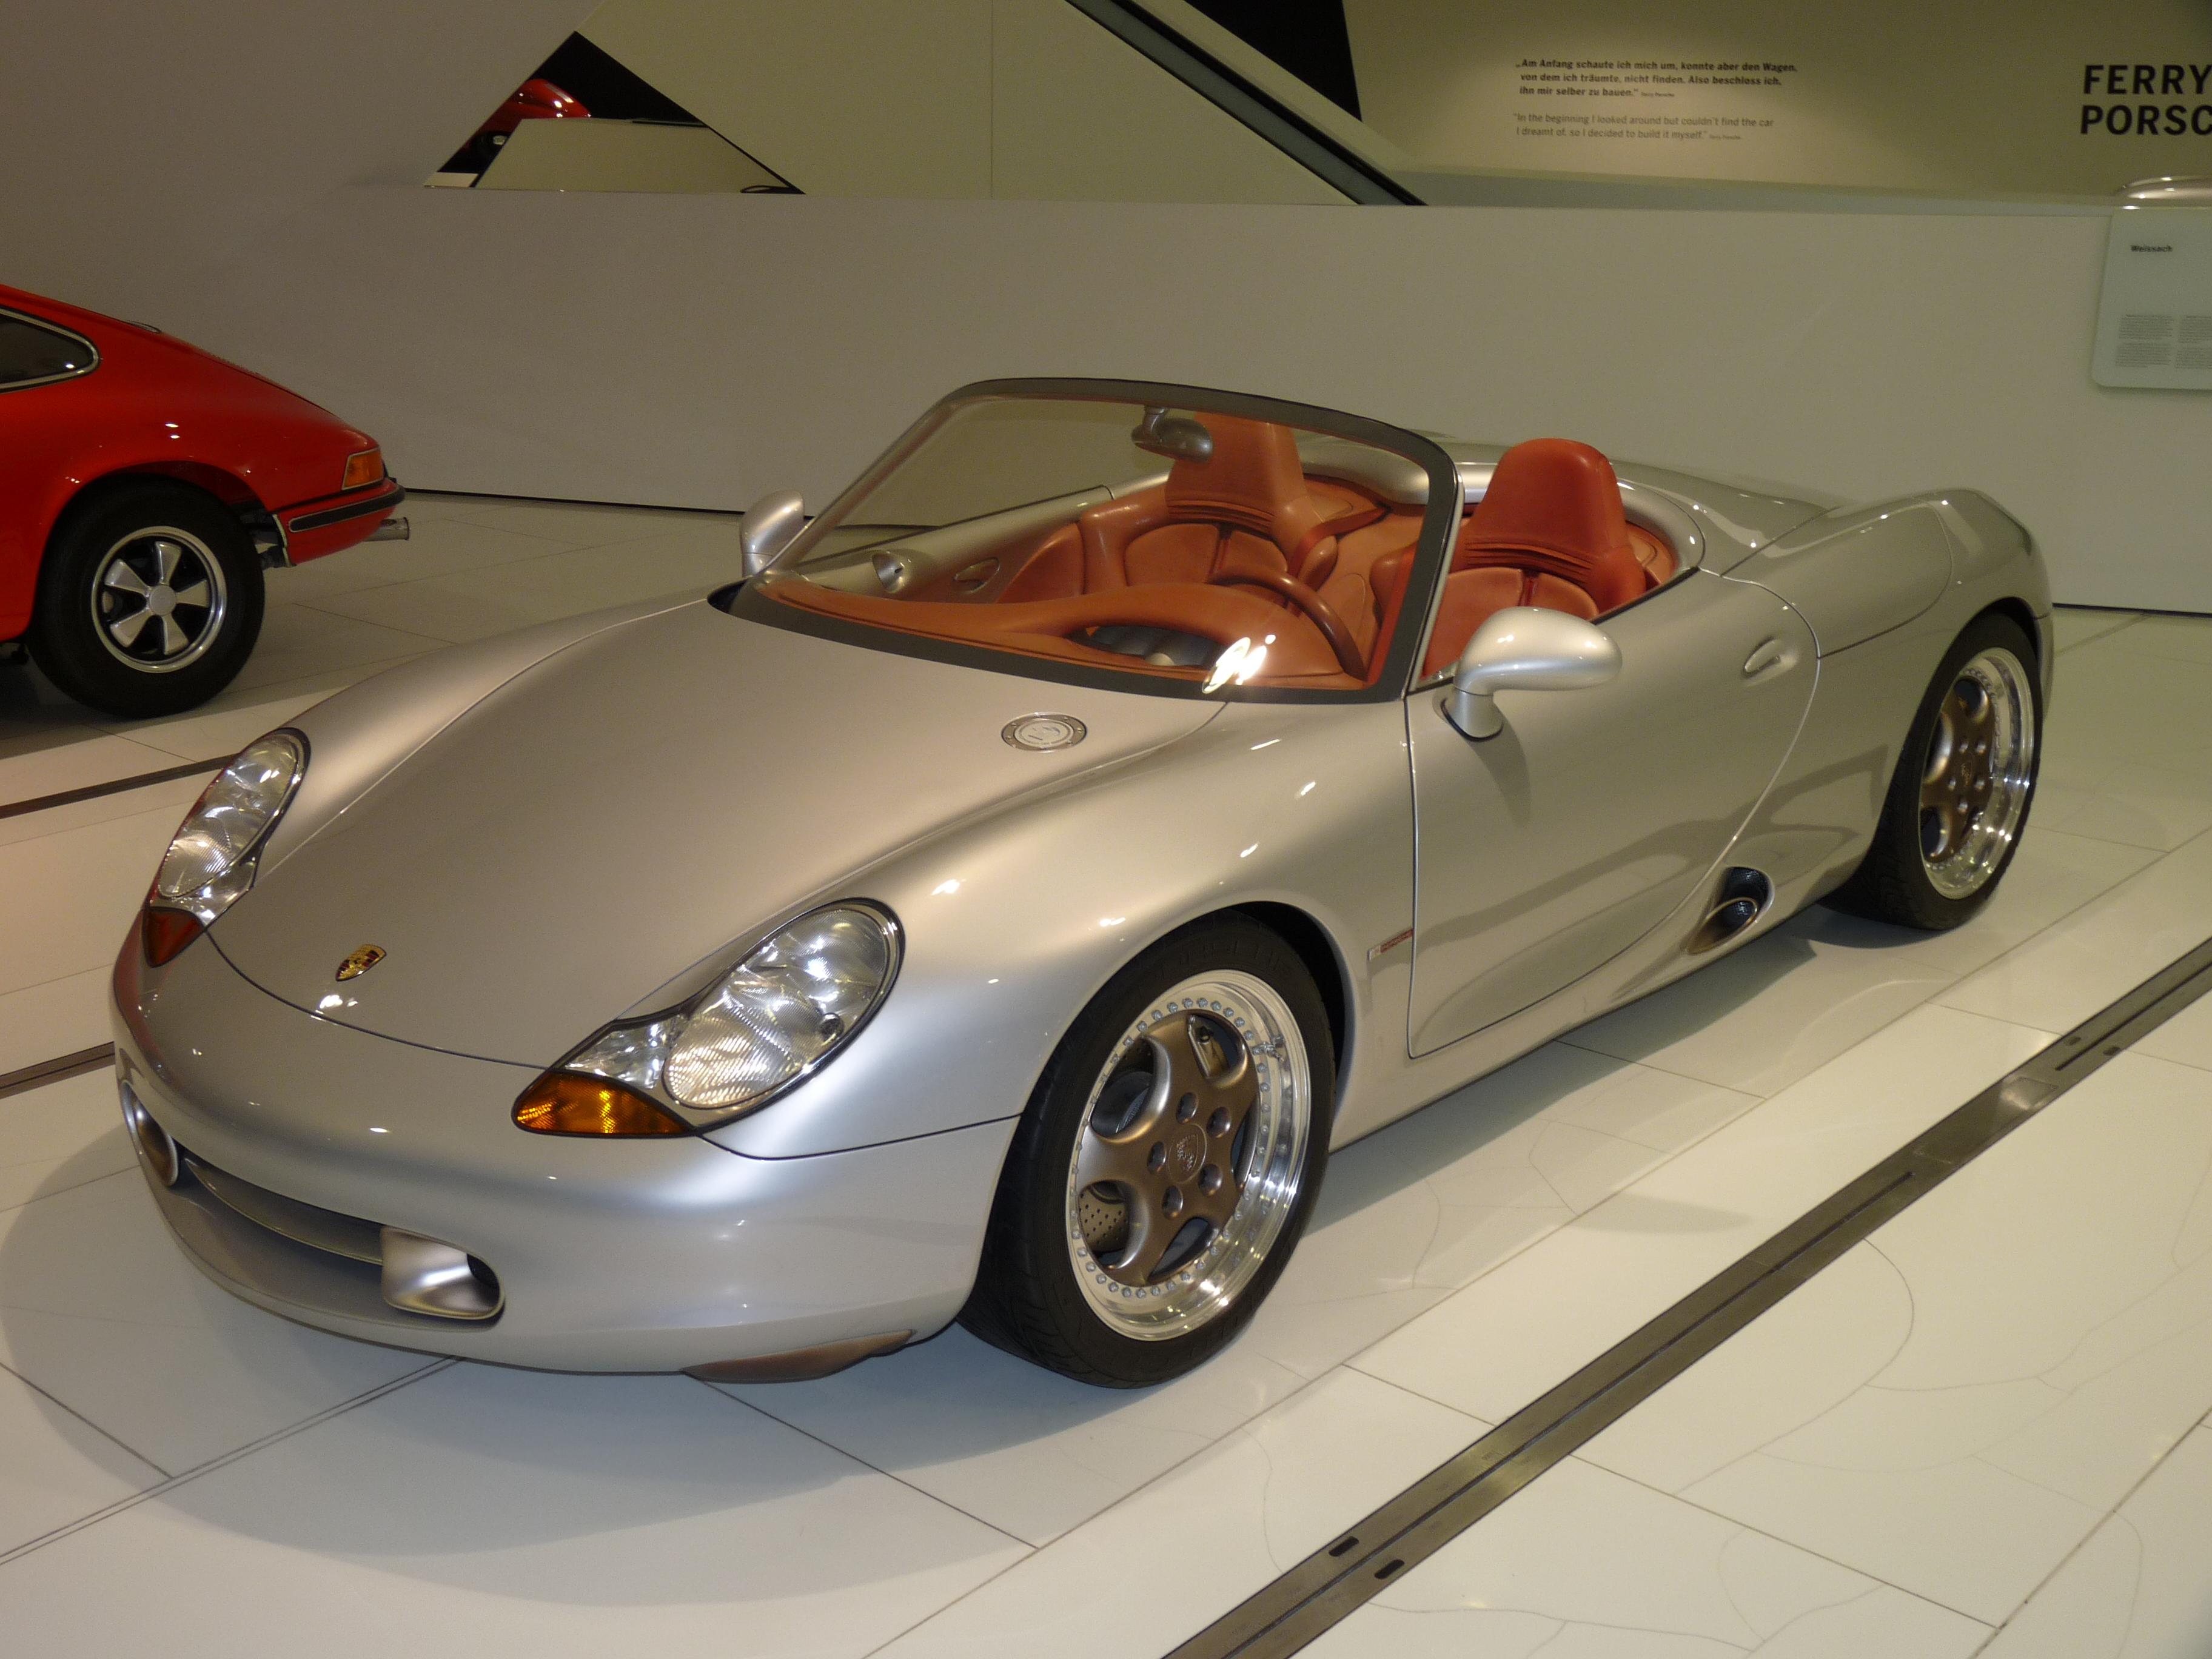 Porsche 911 V (996) Restyling 2000 - 2005 Cabriolet #1